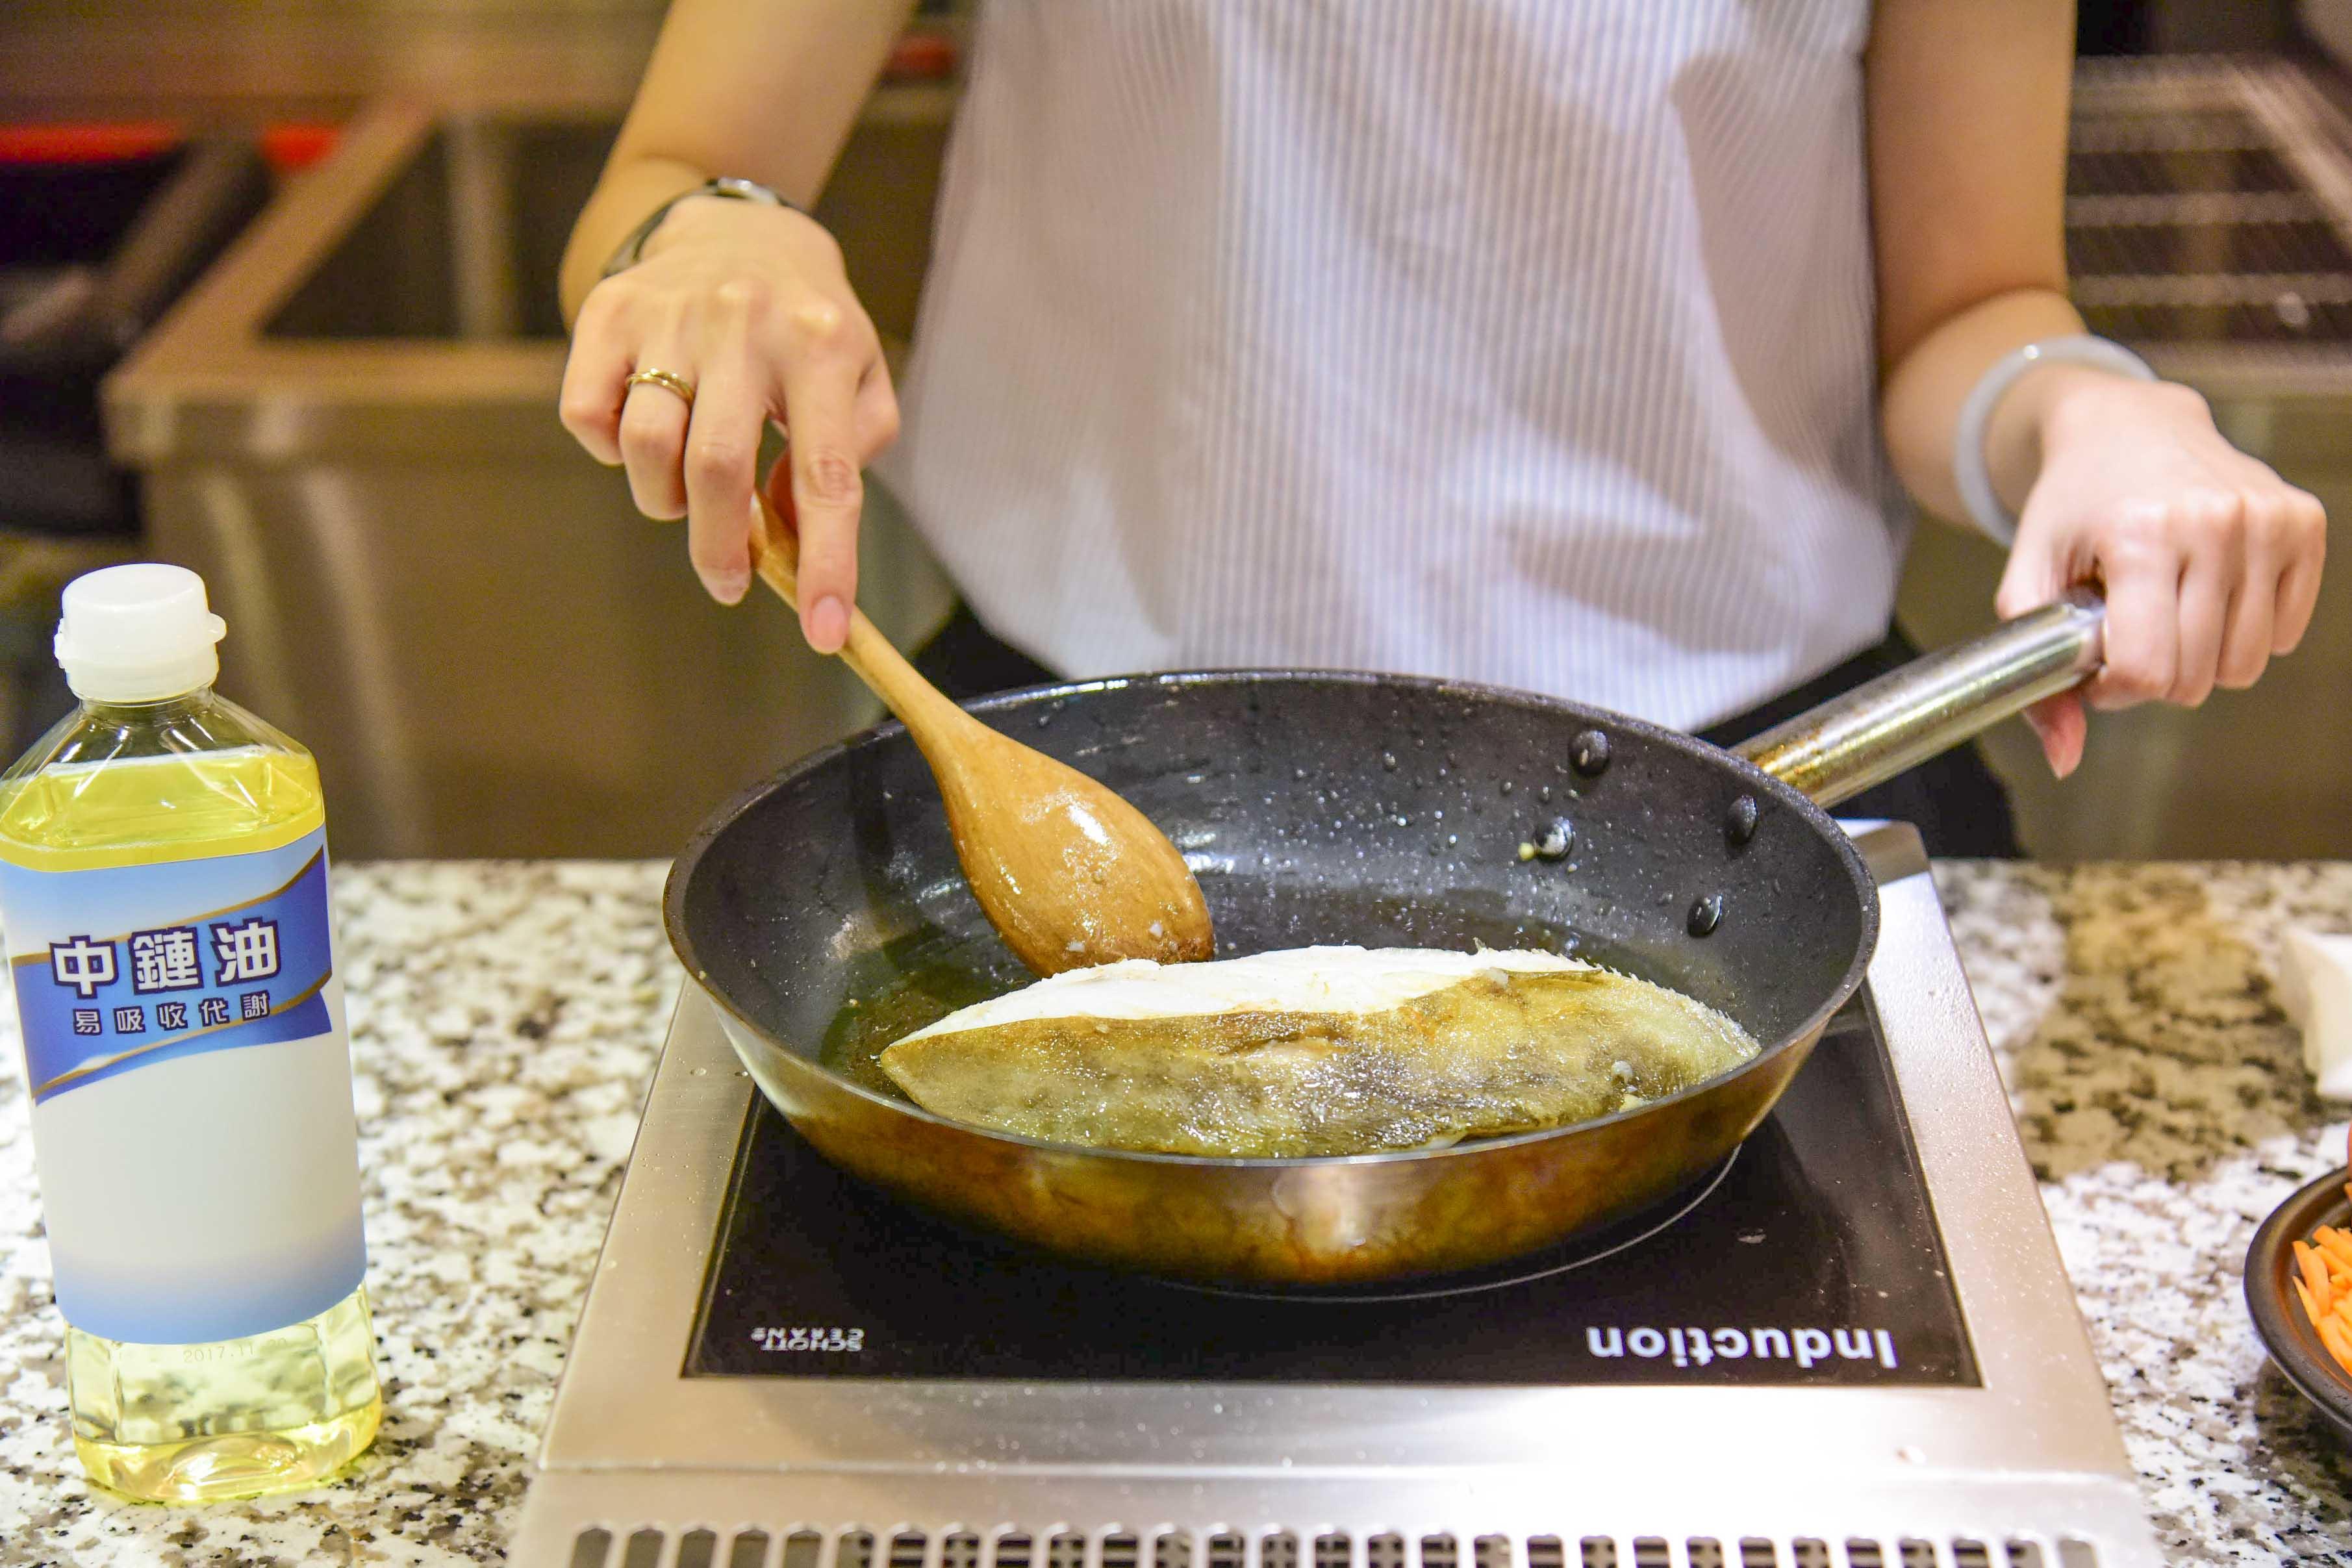 營養師示範健康用油三料理